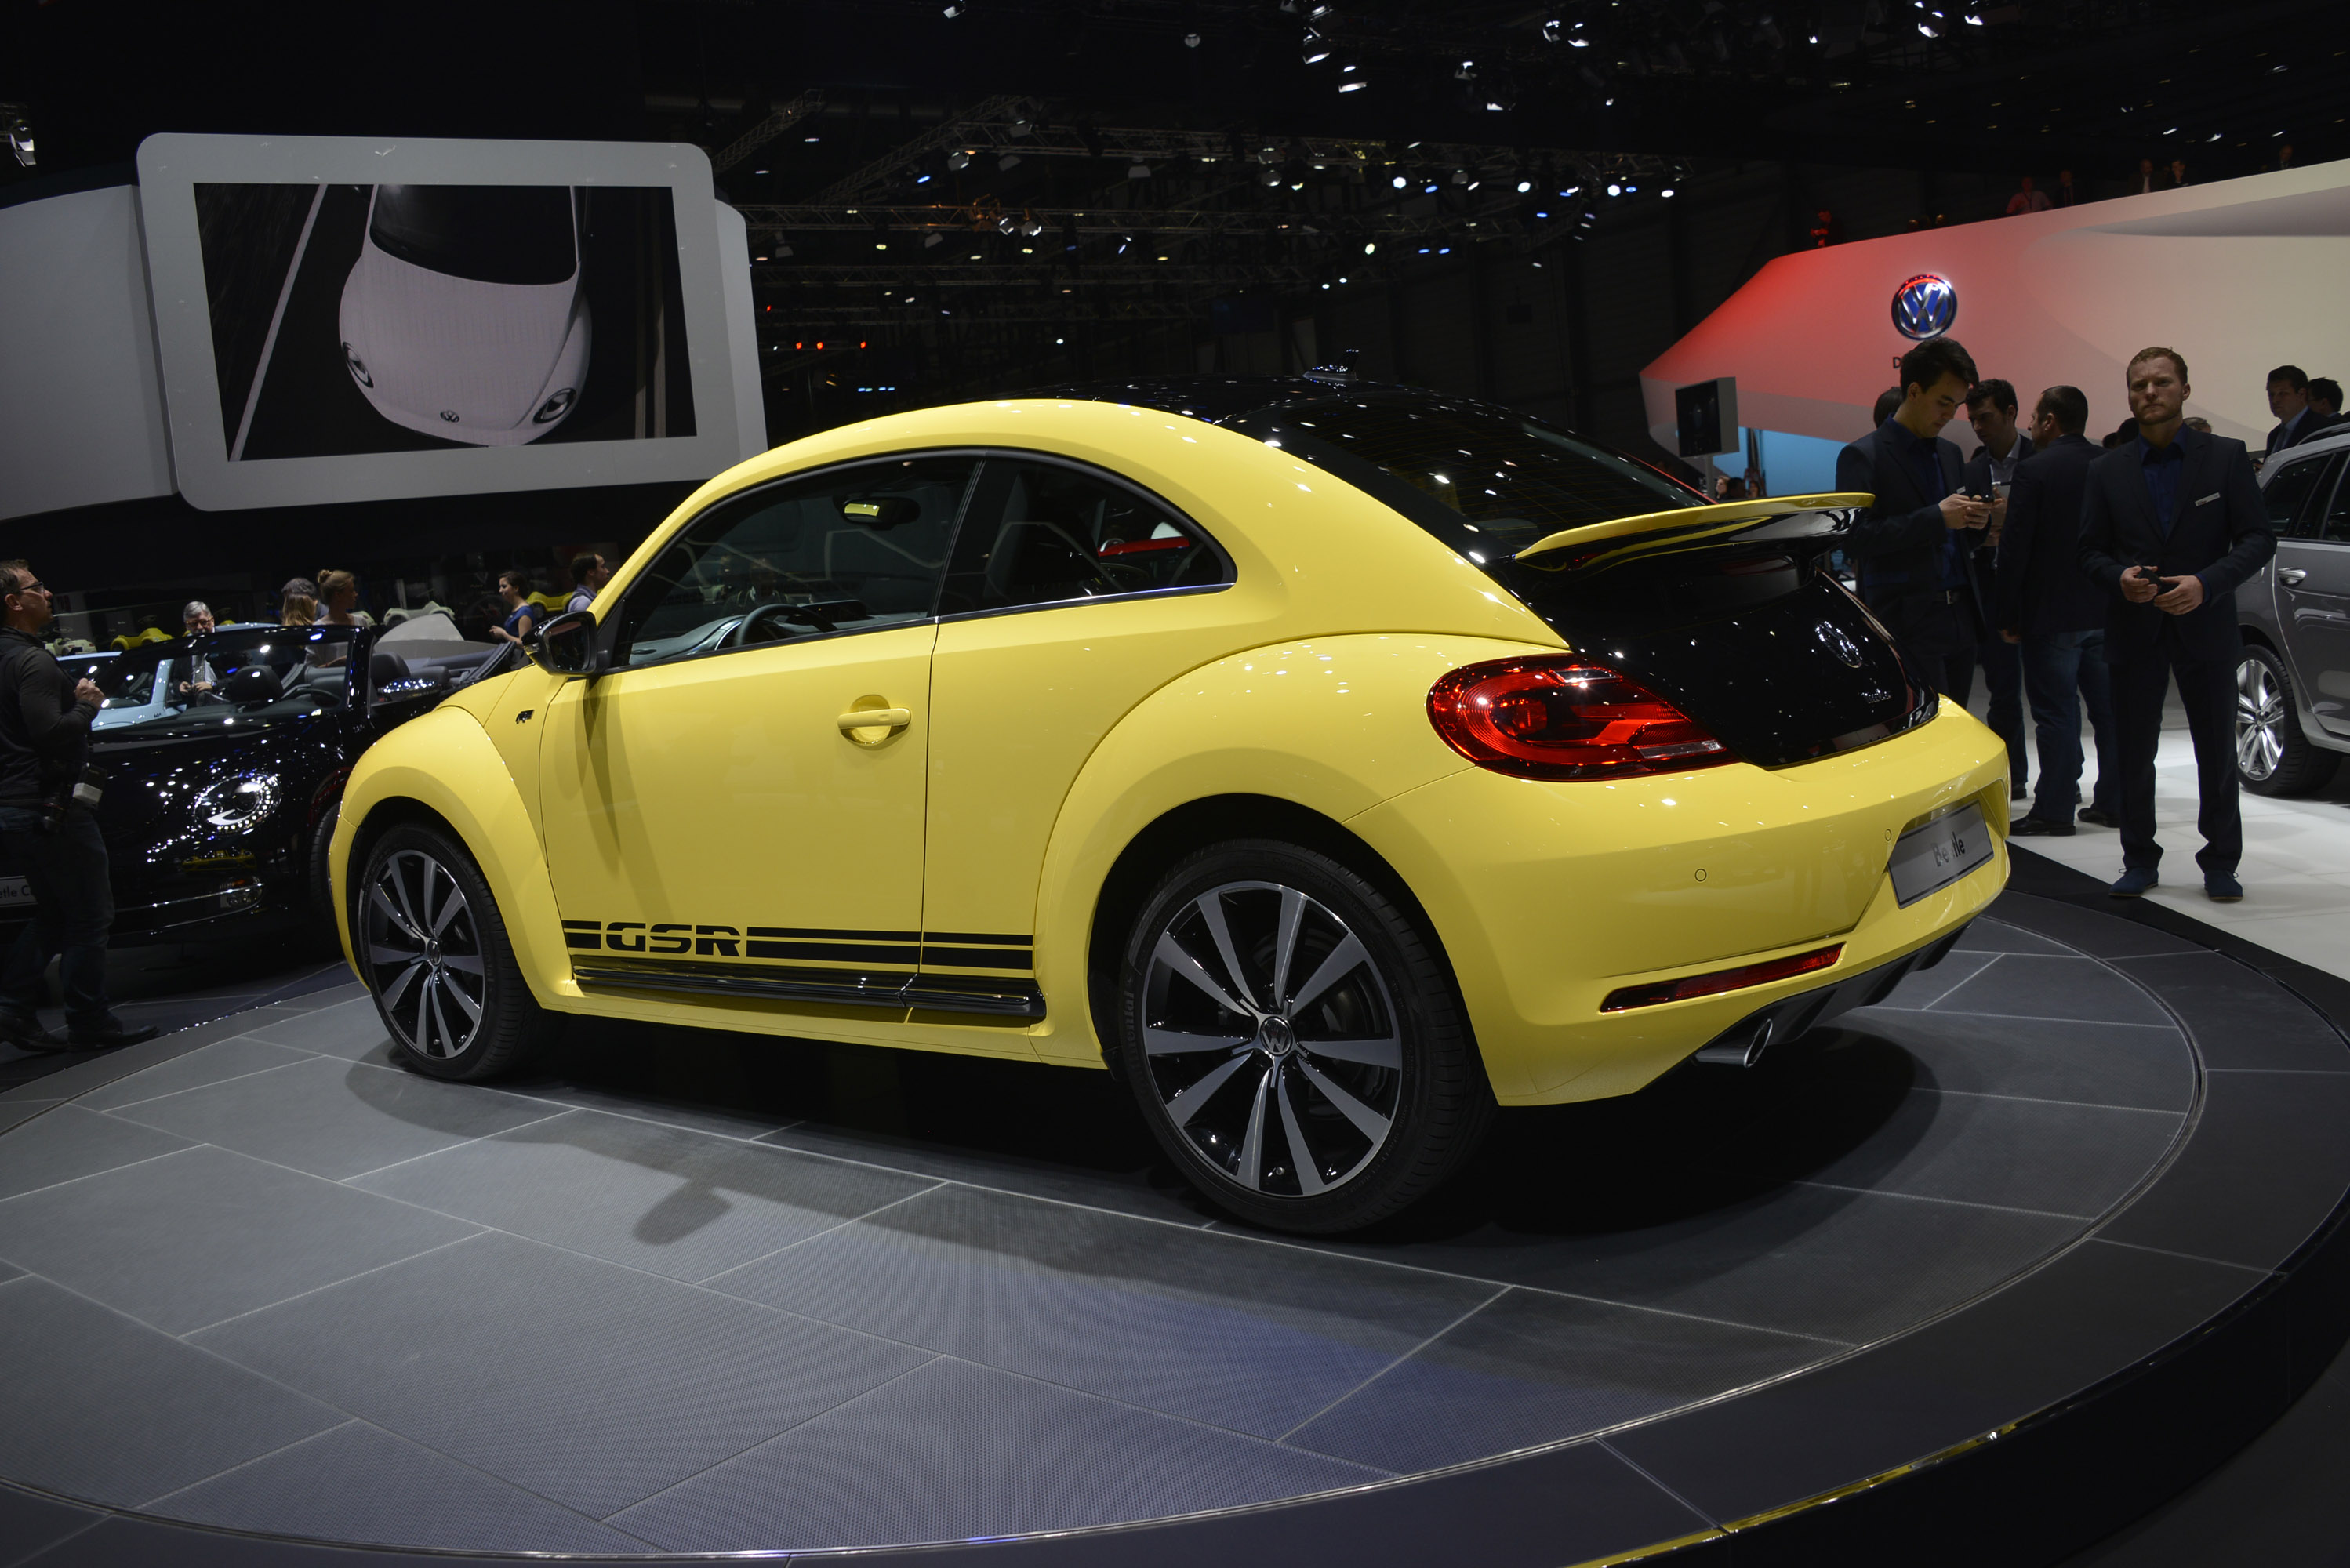 Volkswagen Beetle Gsr Geneva 2013 Picture 82641